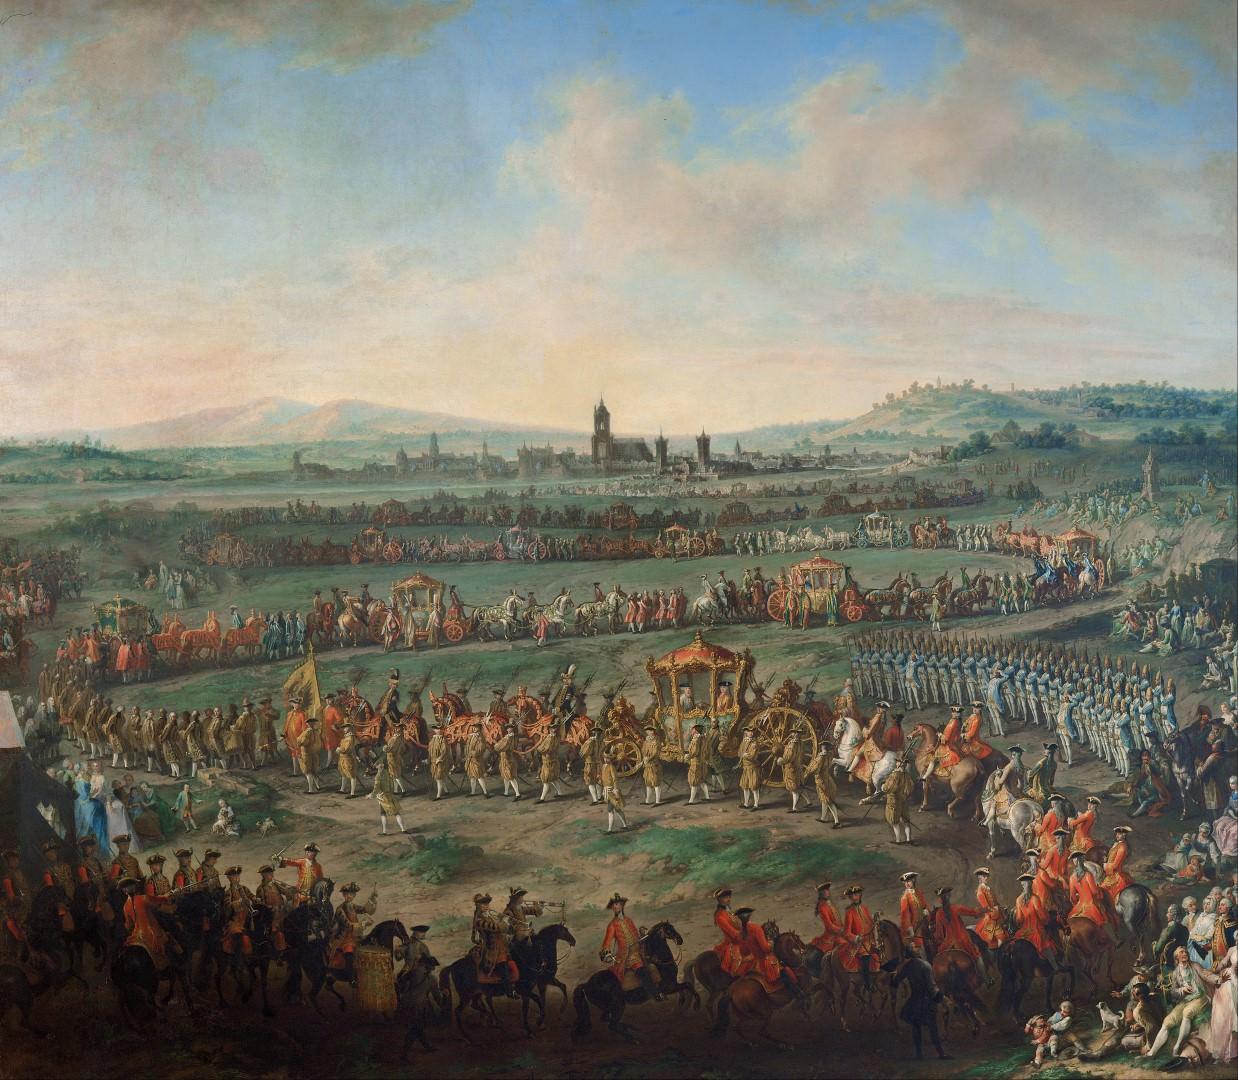 Prihod Jožefa in očeta (cesarja) Franca I. v Frankfurt na kronanje (29. marec, 1764).